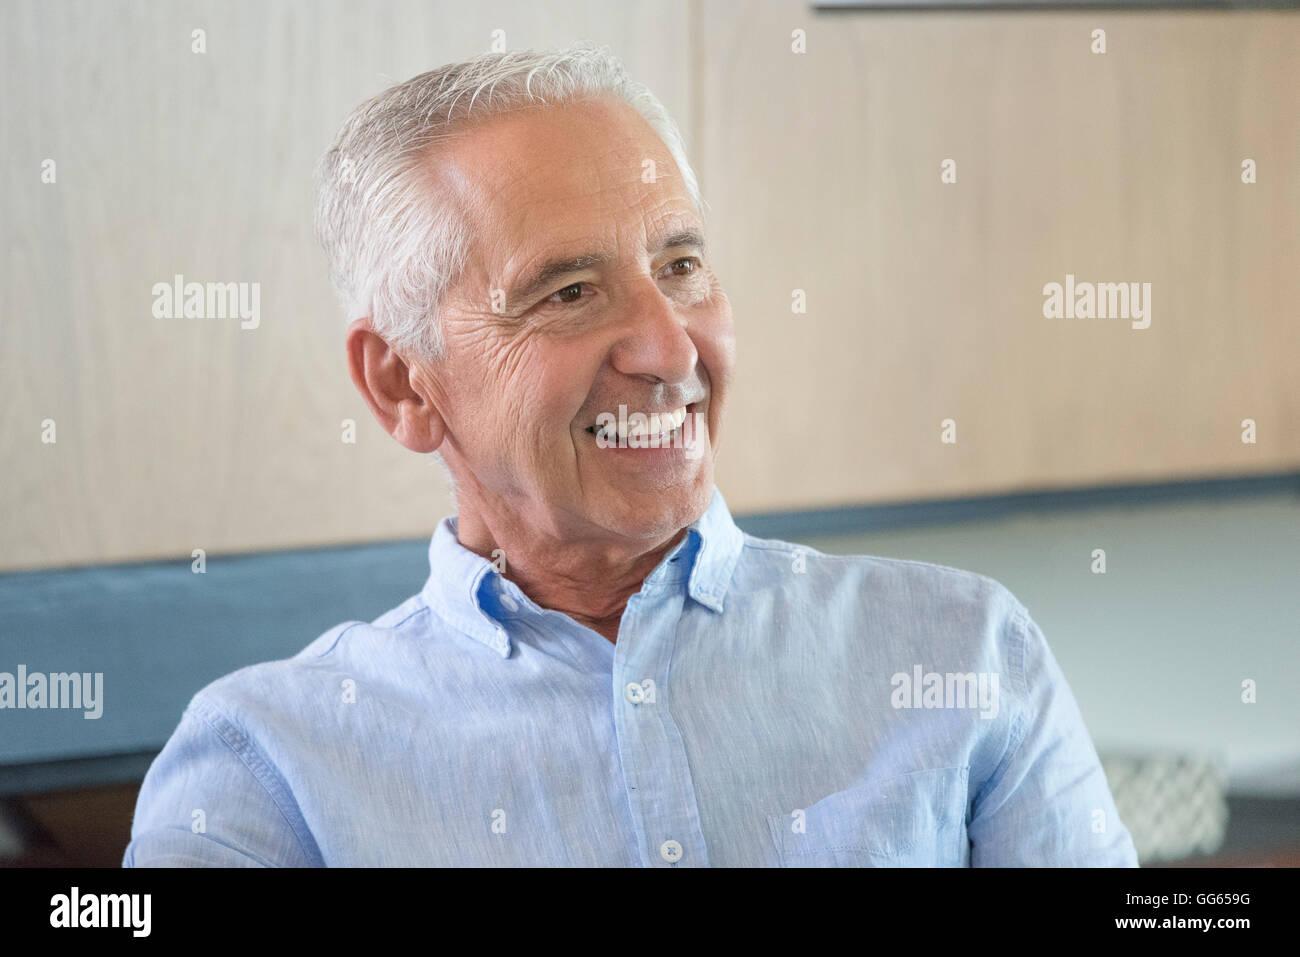 Feliz senior hombre sonriendo Imagen De Stock